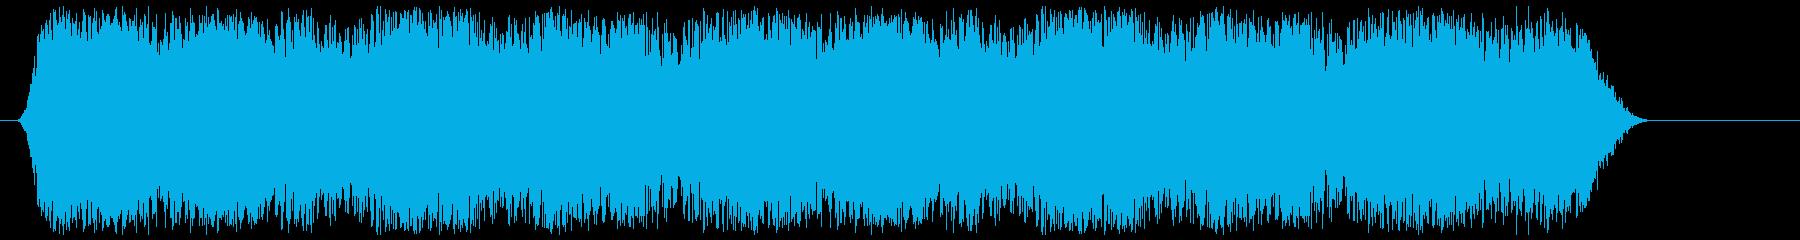 サッカー電子スコアボードの再生済みの波形